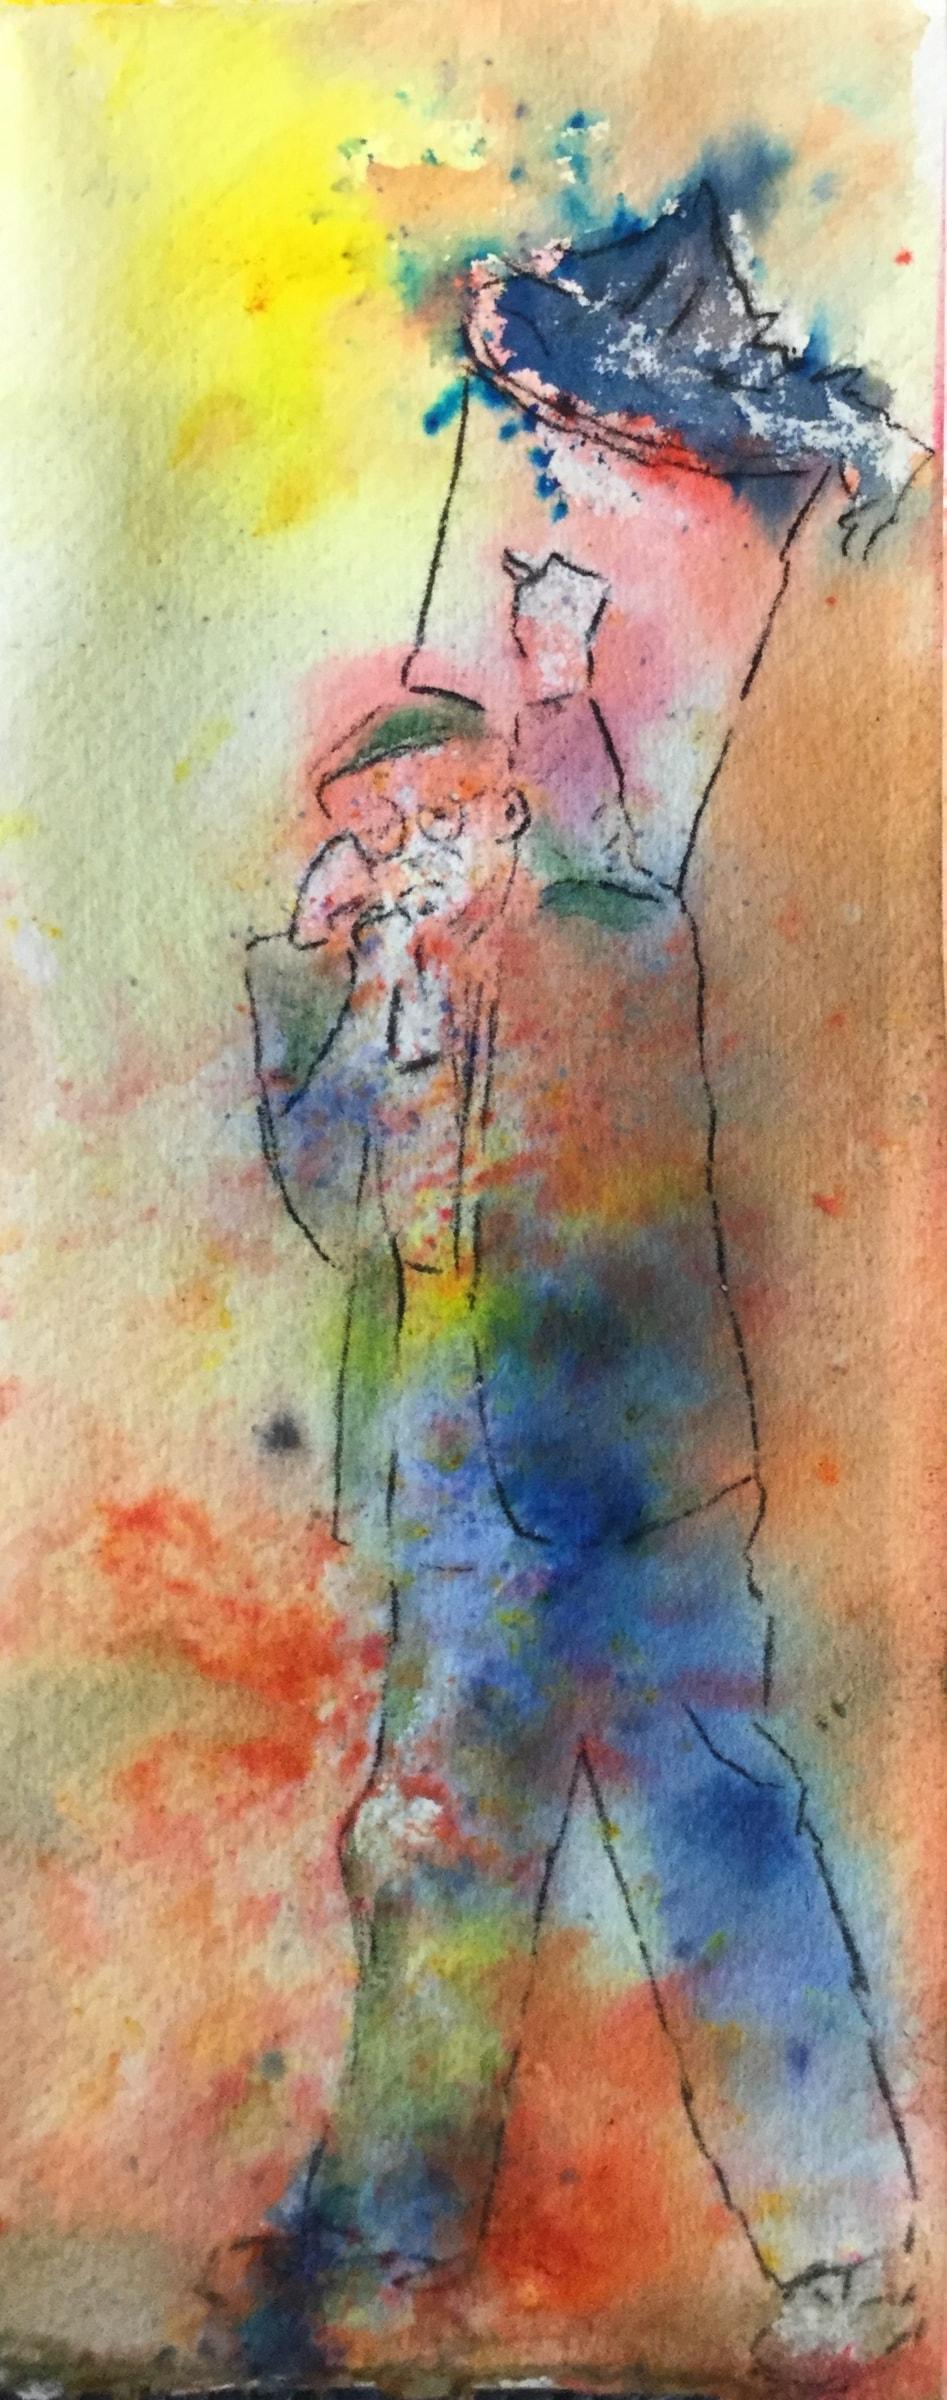 1950s Dustbin Man